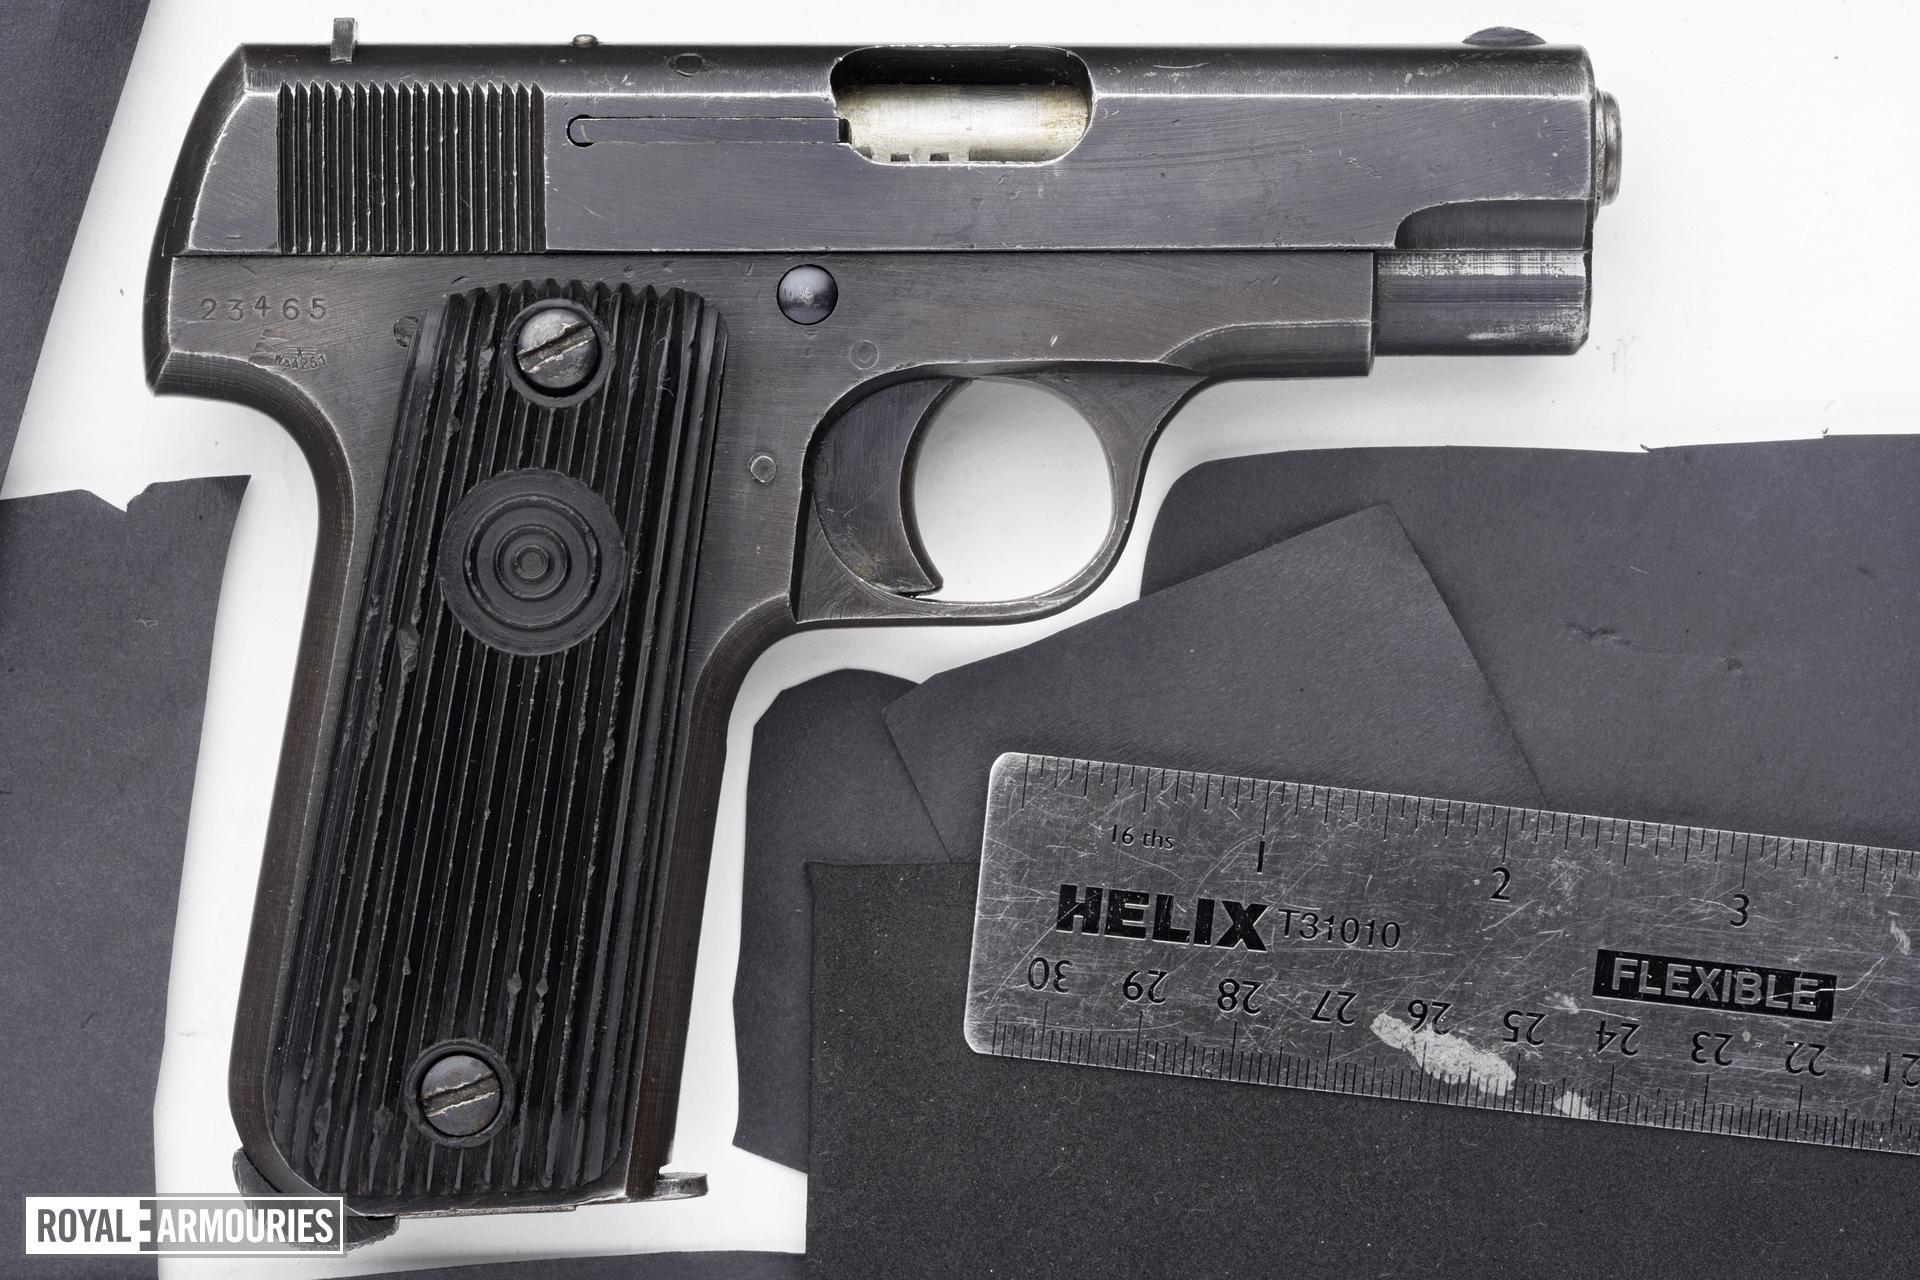 Rimfire self-loading pistol - Unique Model 17 Kriegsmodell